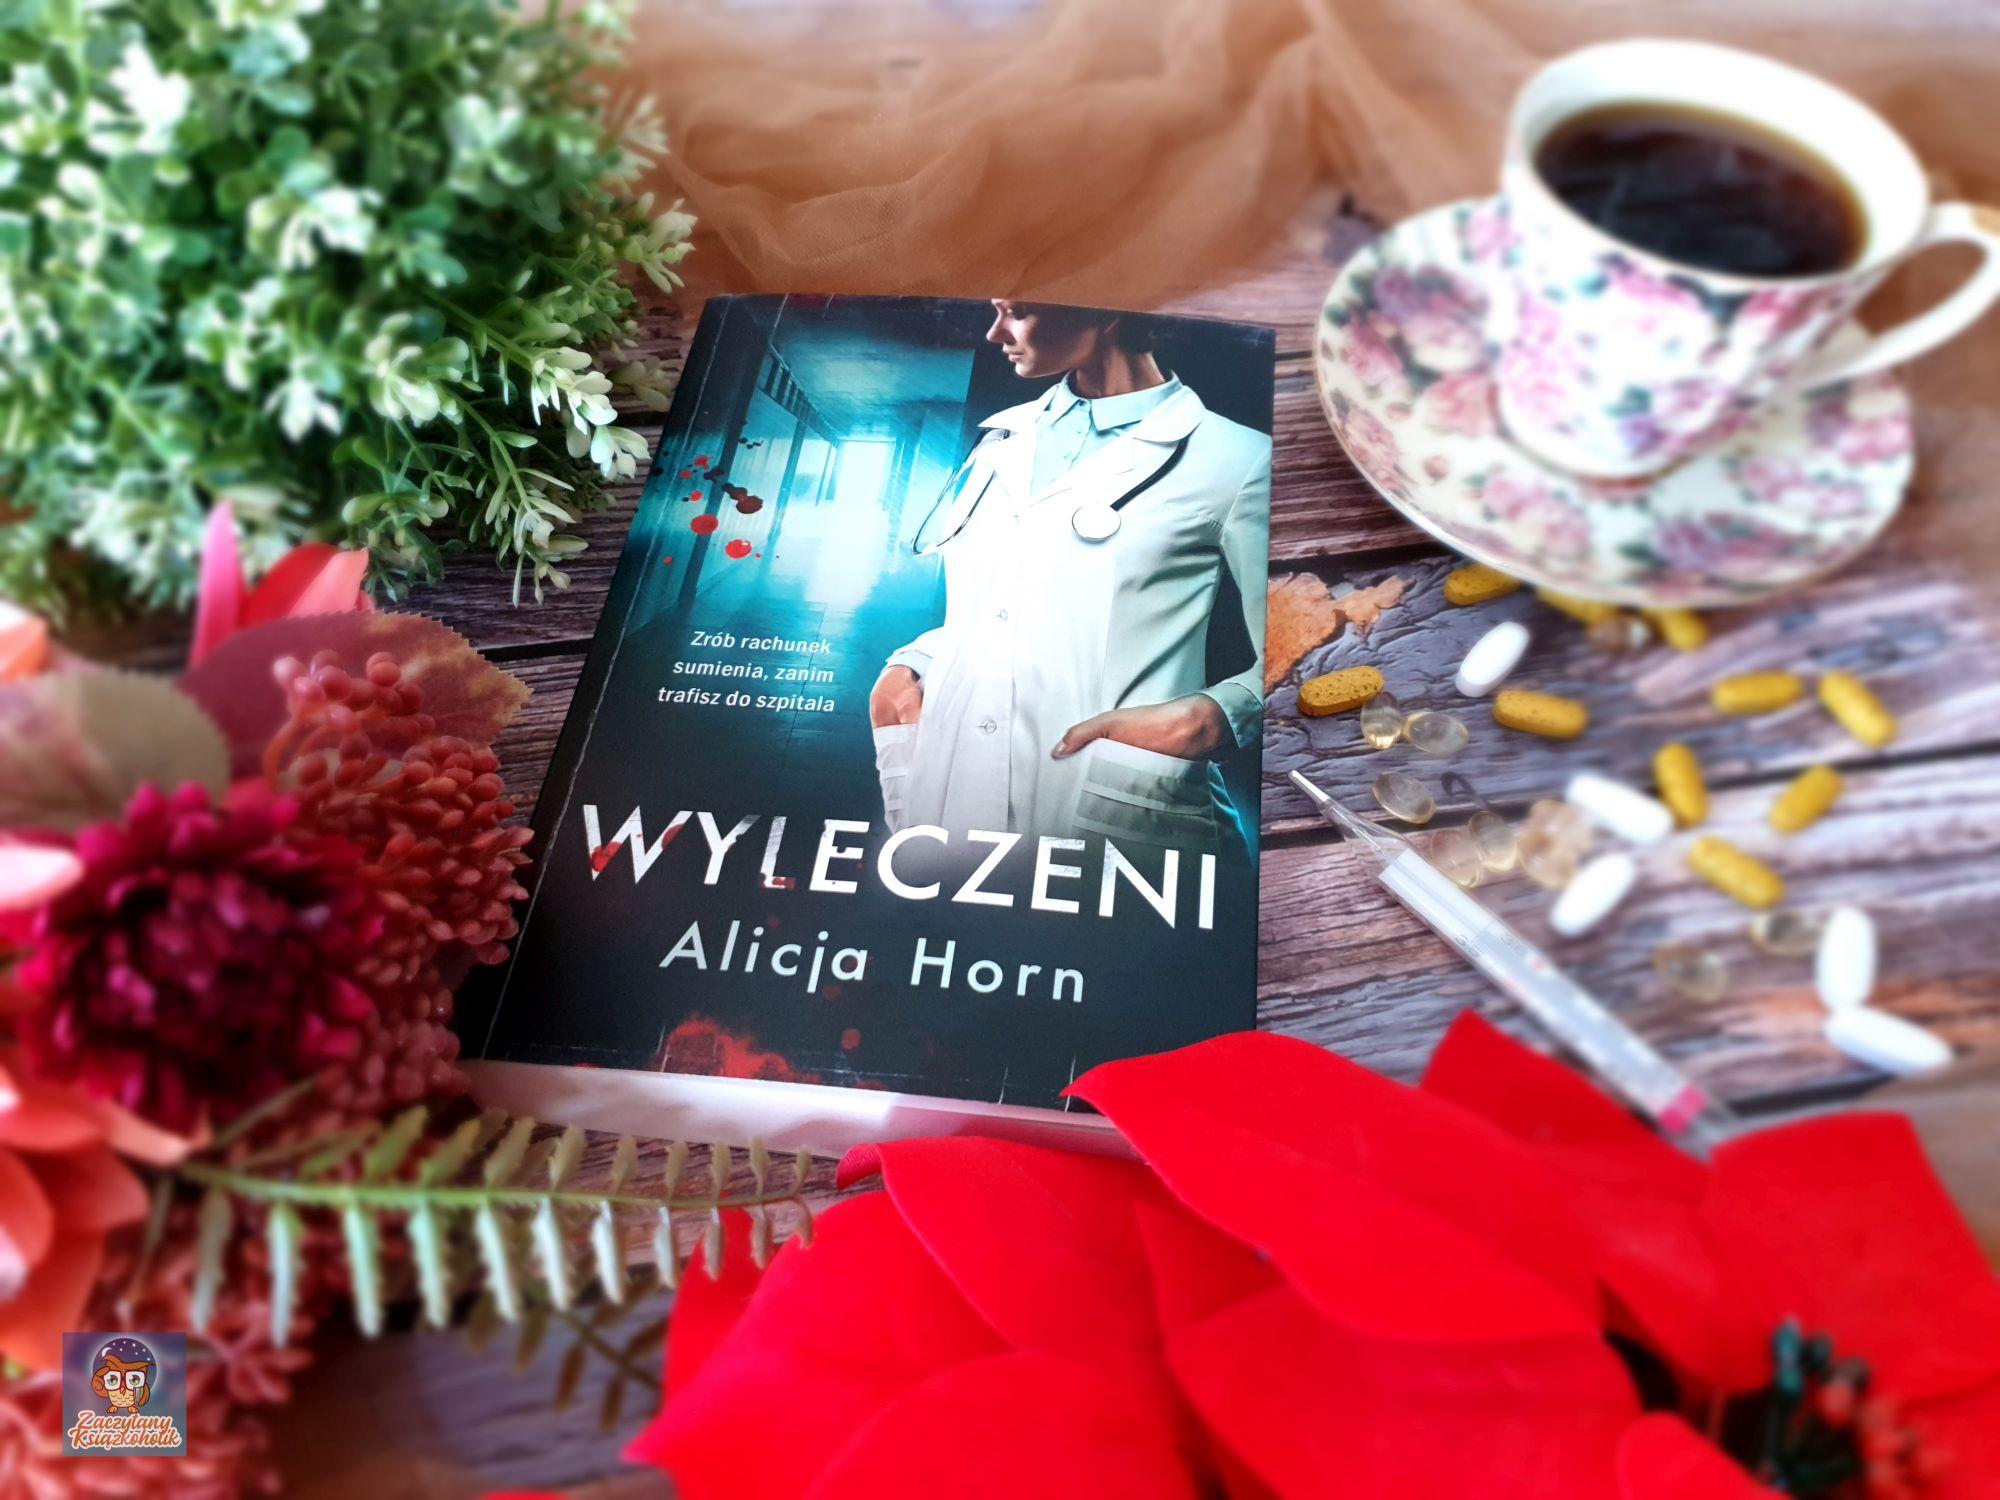 Alicja Horn, Wyleczeni, zaczytanyksiazkoholik.pl